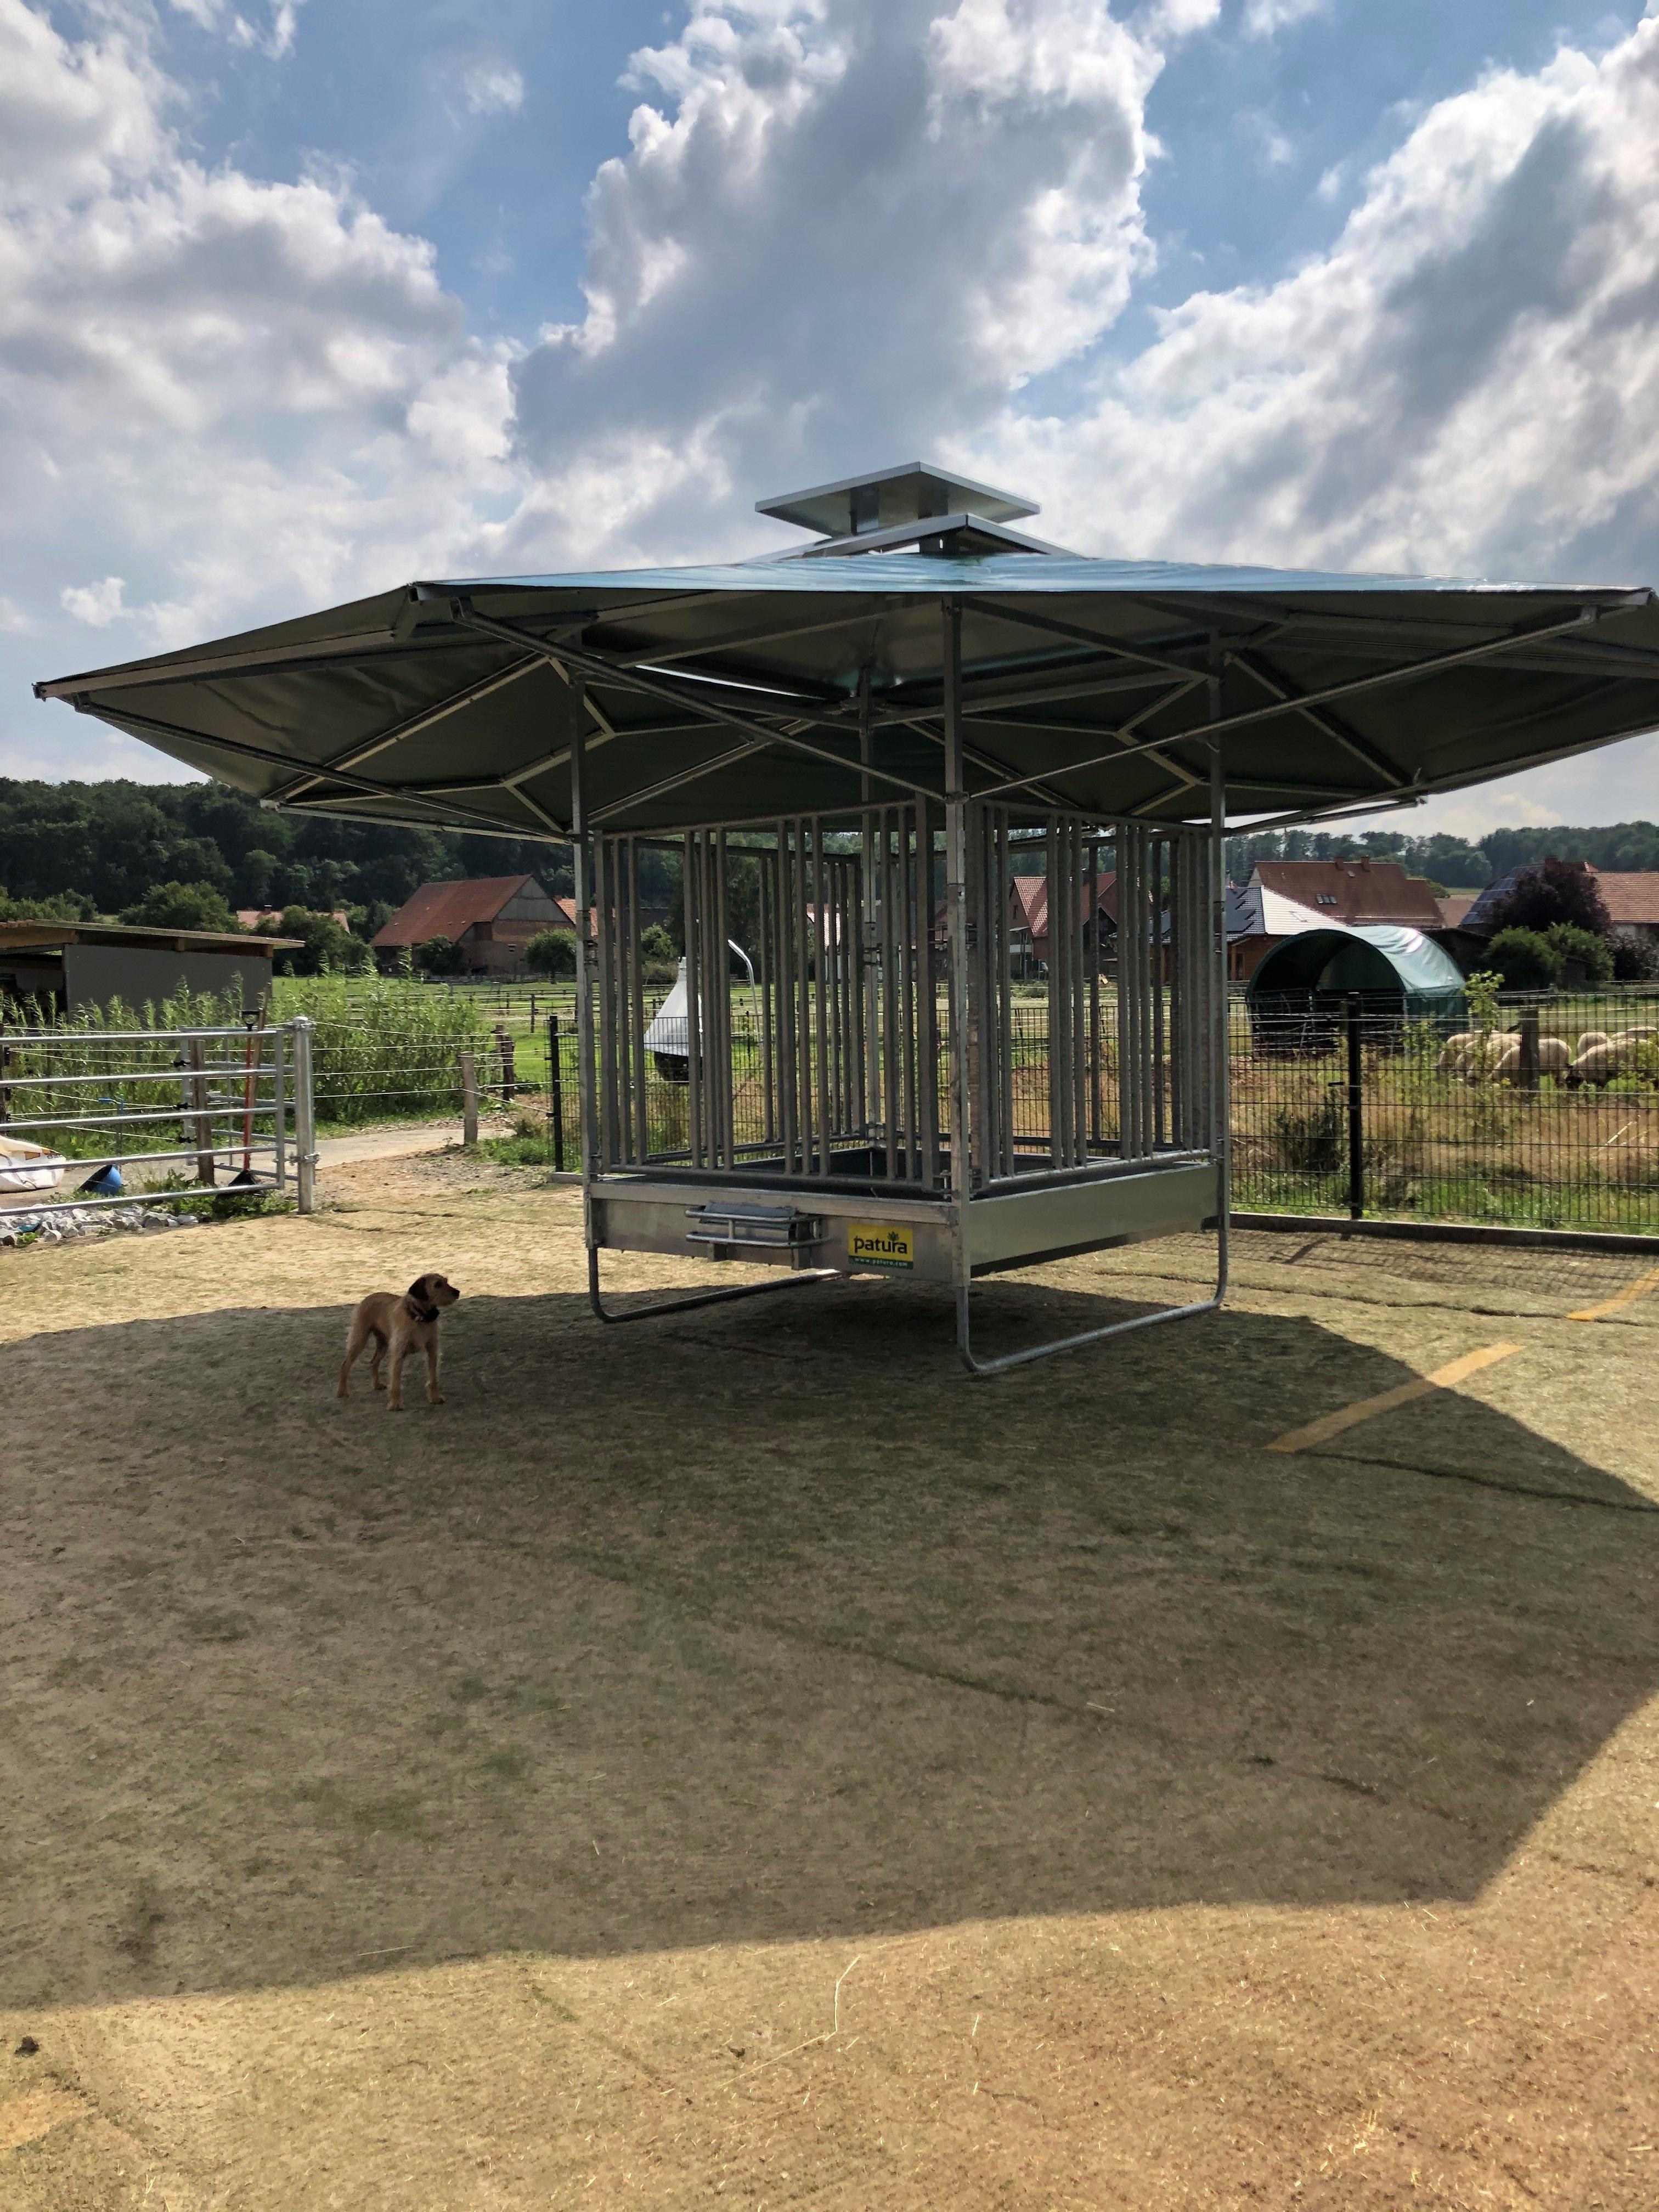 PATURA Klima-Raufe mit Dach Profi-Viereckraufe mit Sicherheits-Pferdefressgittern 12 Fressplätze